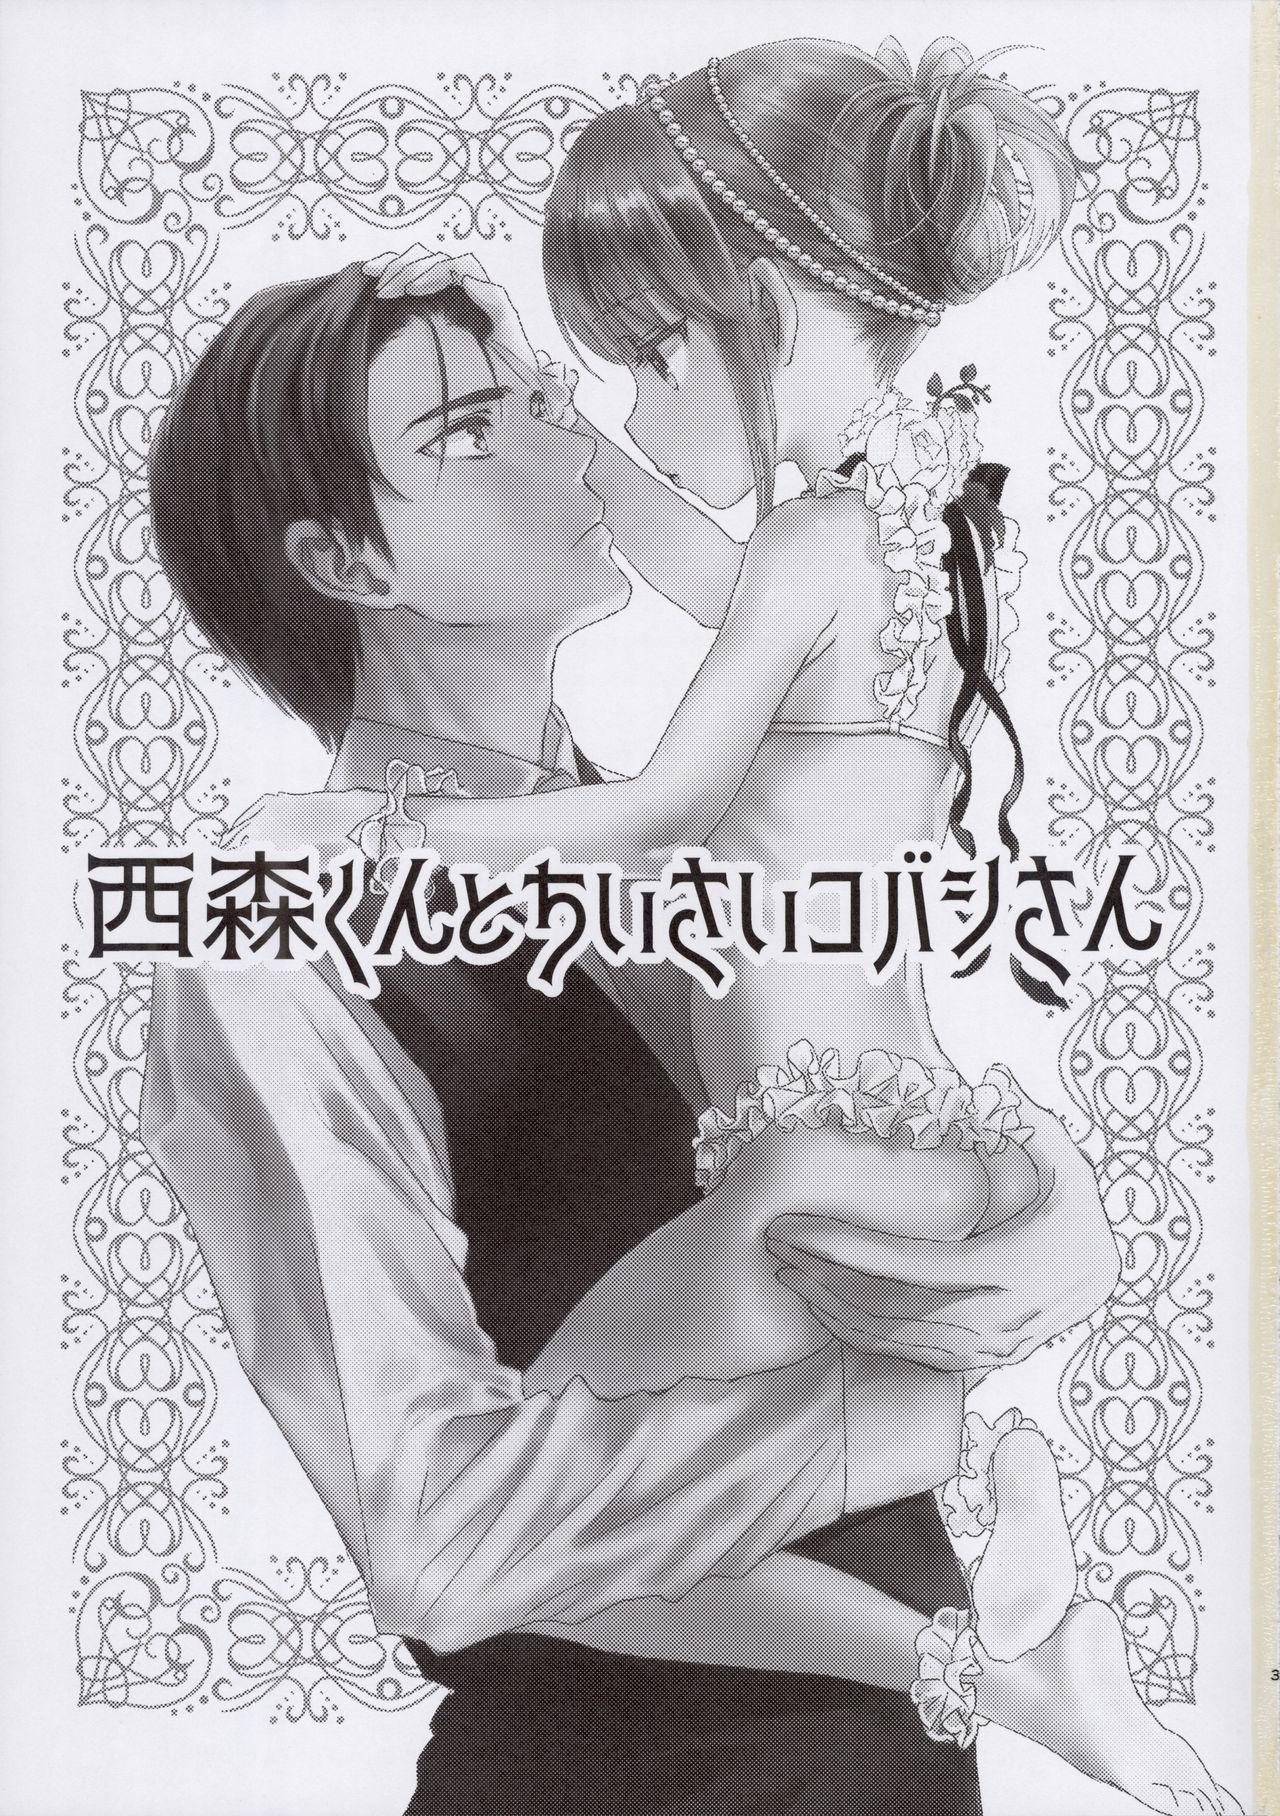 (COMITIA130) [Yowamidori (Saeki)] Nishimori-kun to Chiisai Kobashi-san 2